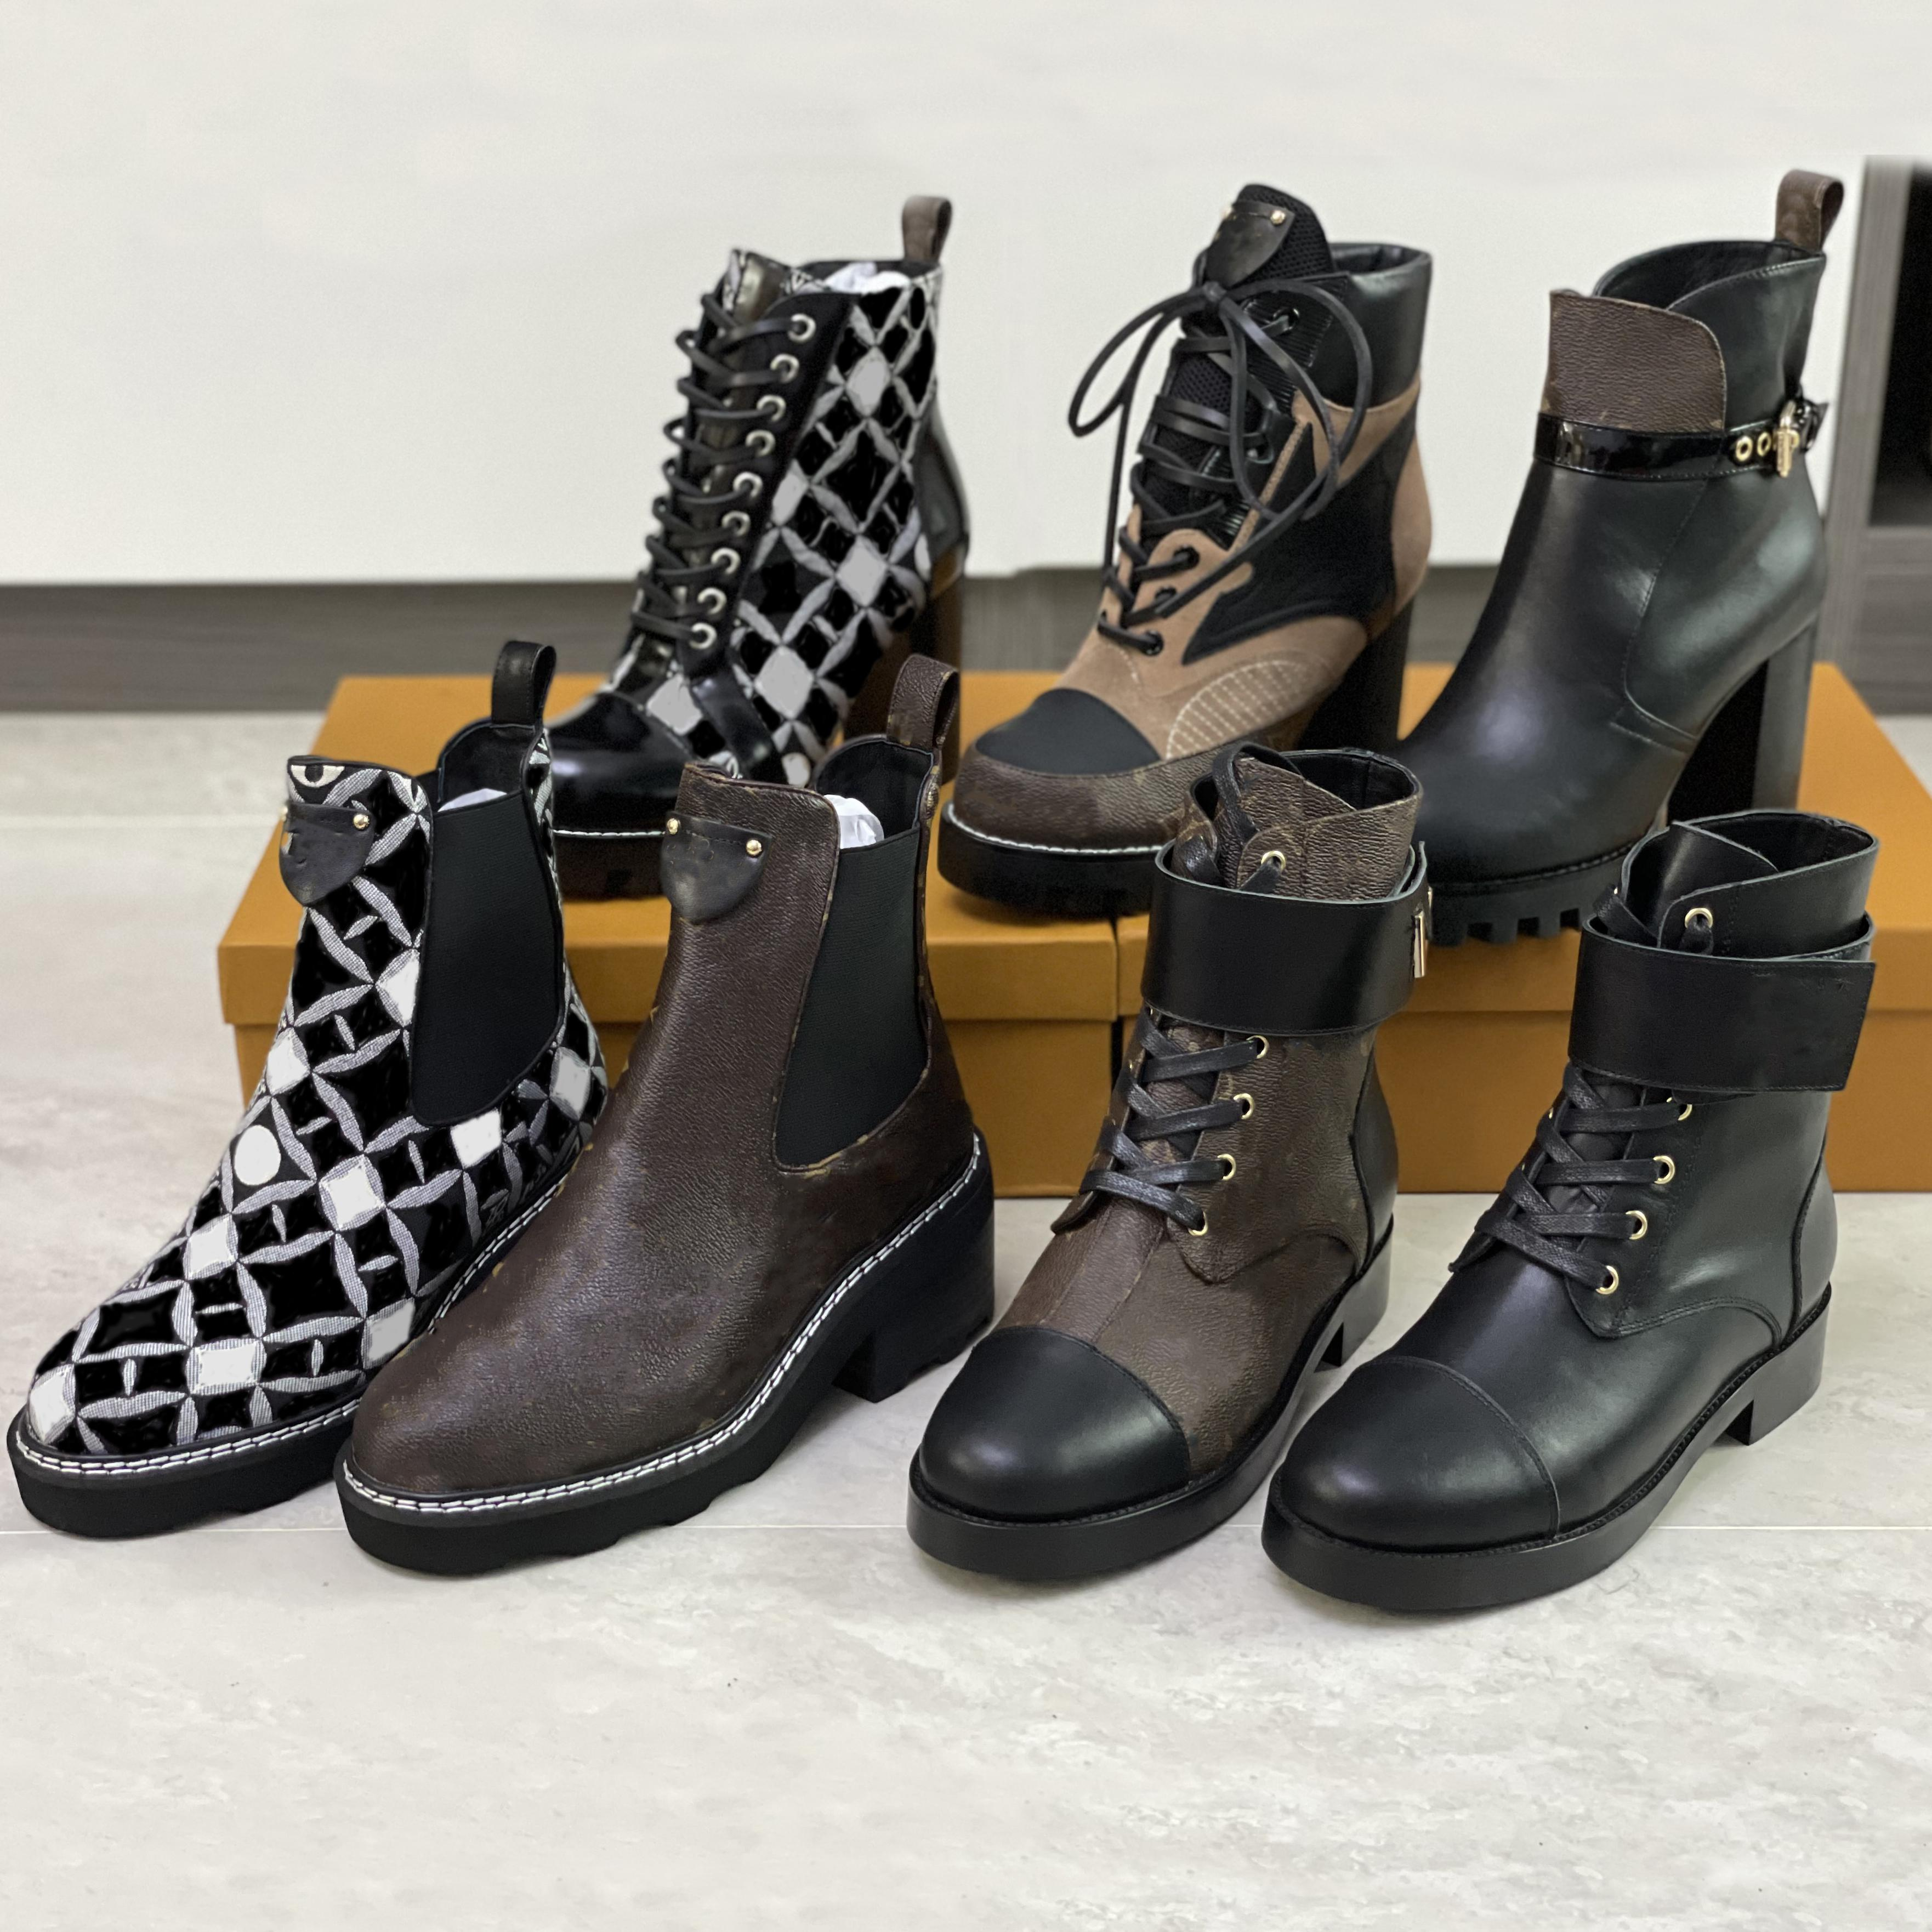 Donne Beaubourg Beaubourg Boot Designer Chelsea Boot Genuine Leather Thick High Tacchi alti Sentieri invernali Stivaletti Caviglia Boot Laureato Stivali Desert Top Quality with Box